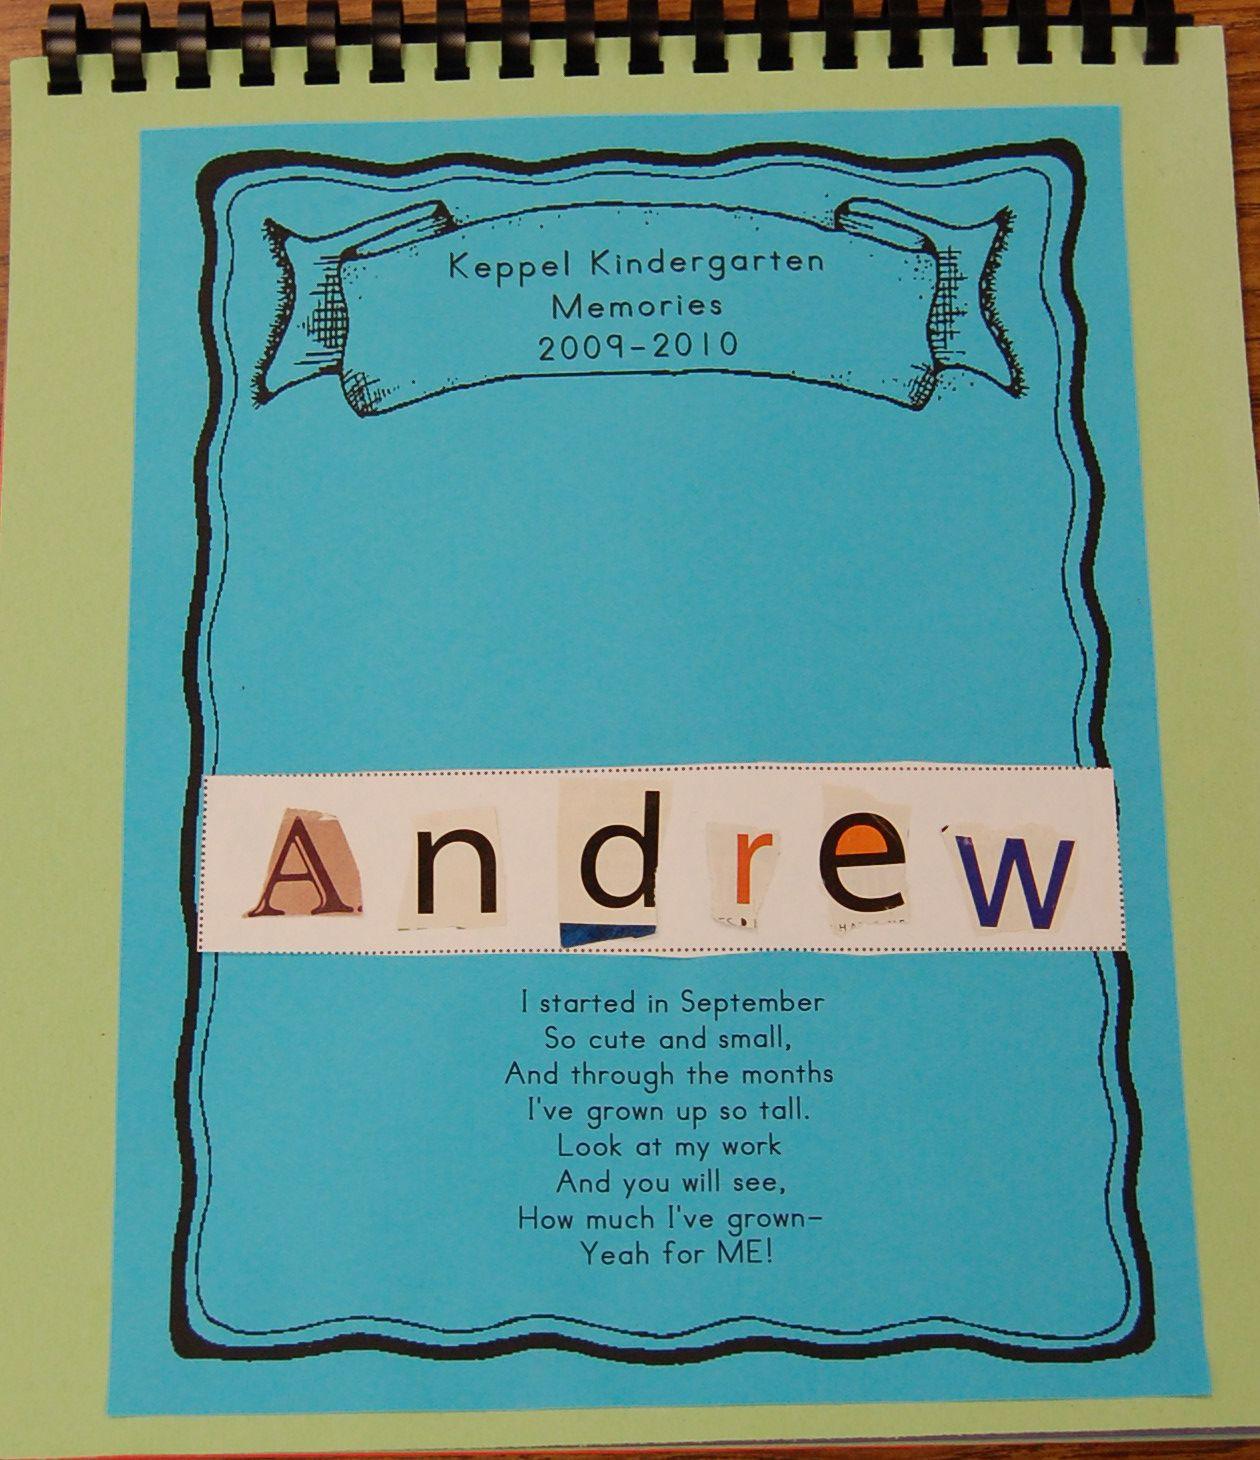 Kindergarten Memory Book Cover